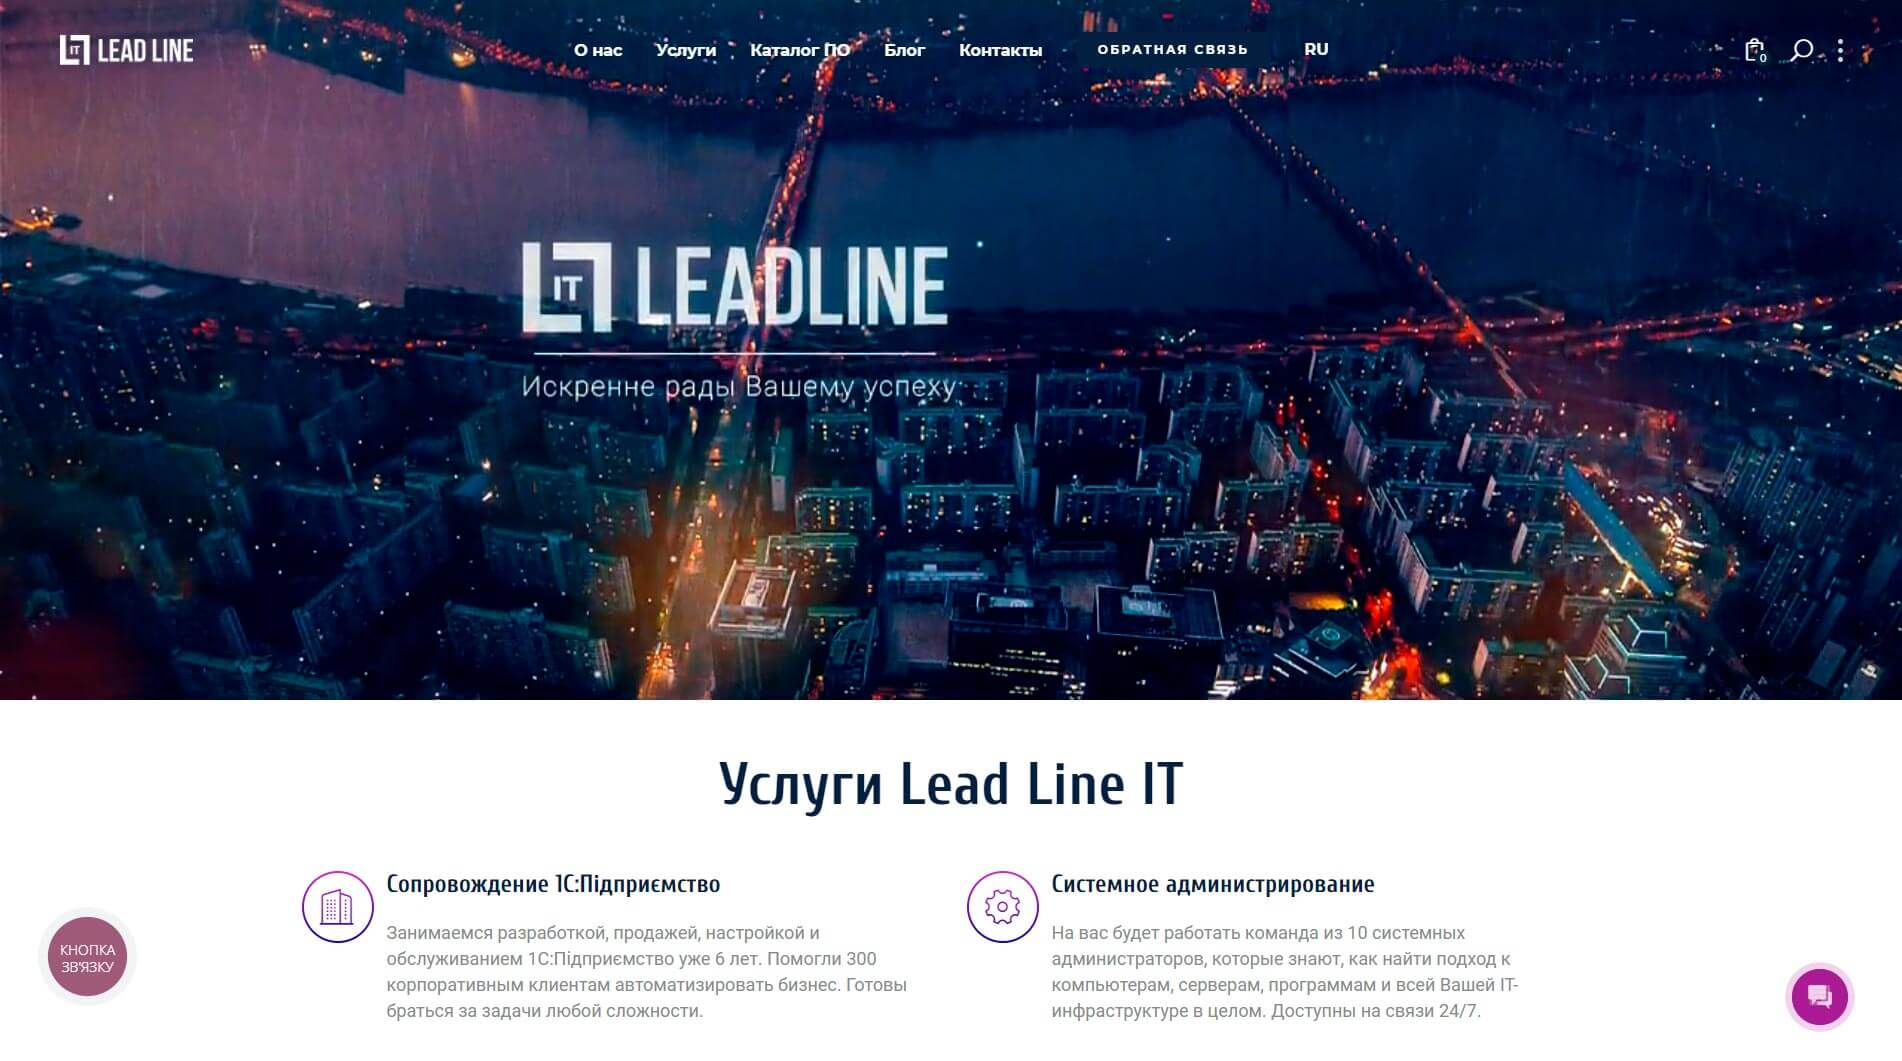 Lead Line IT - обзор компании, услуги, отзывы, клиенты, Фото № 1 - google-seo.pro